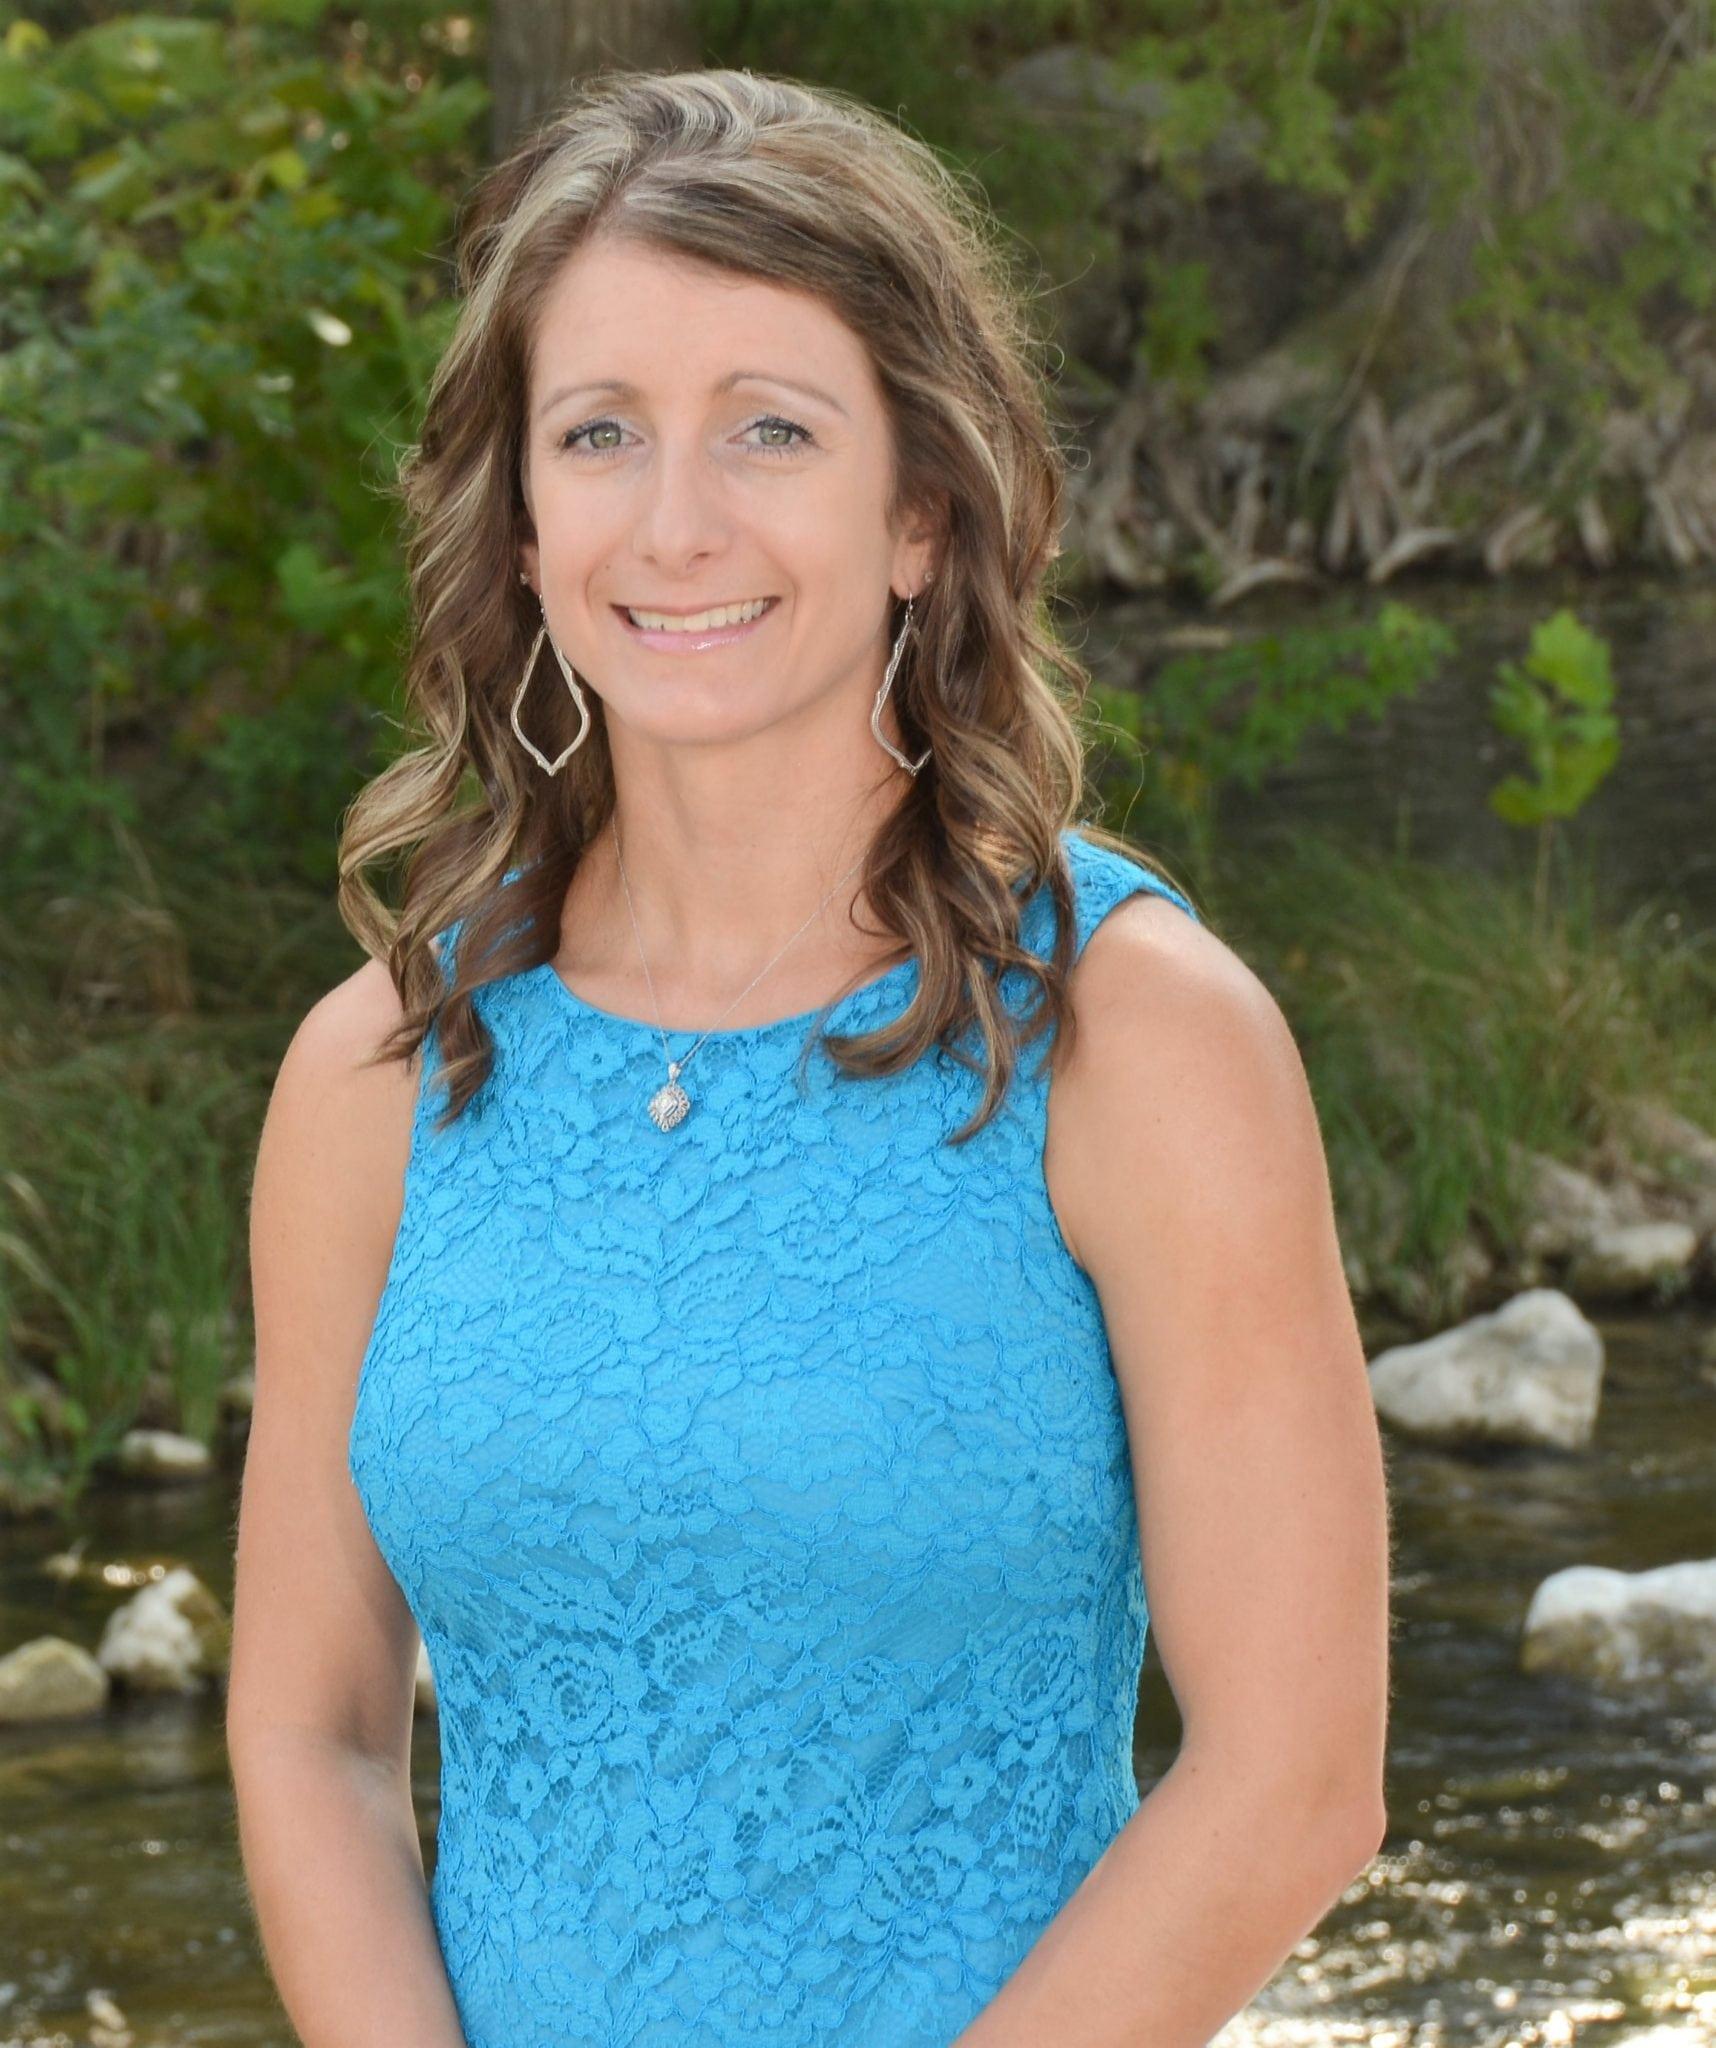 Brittany Lyn McCullar